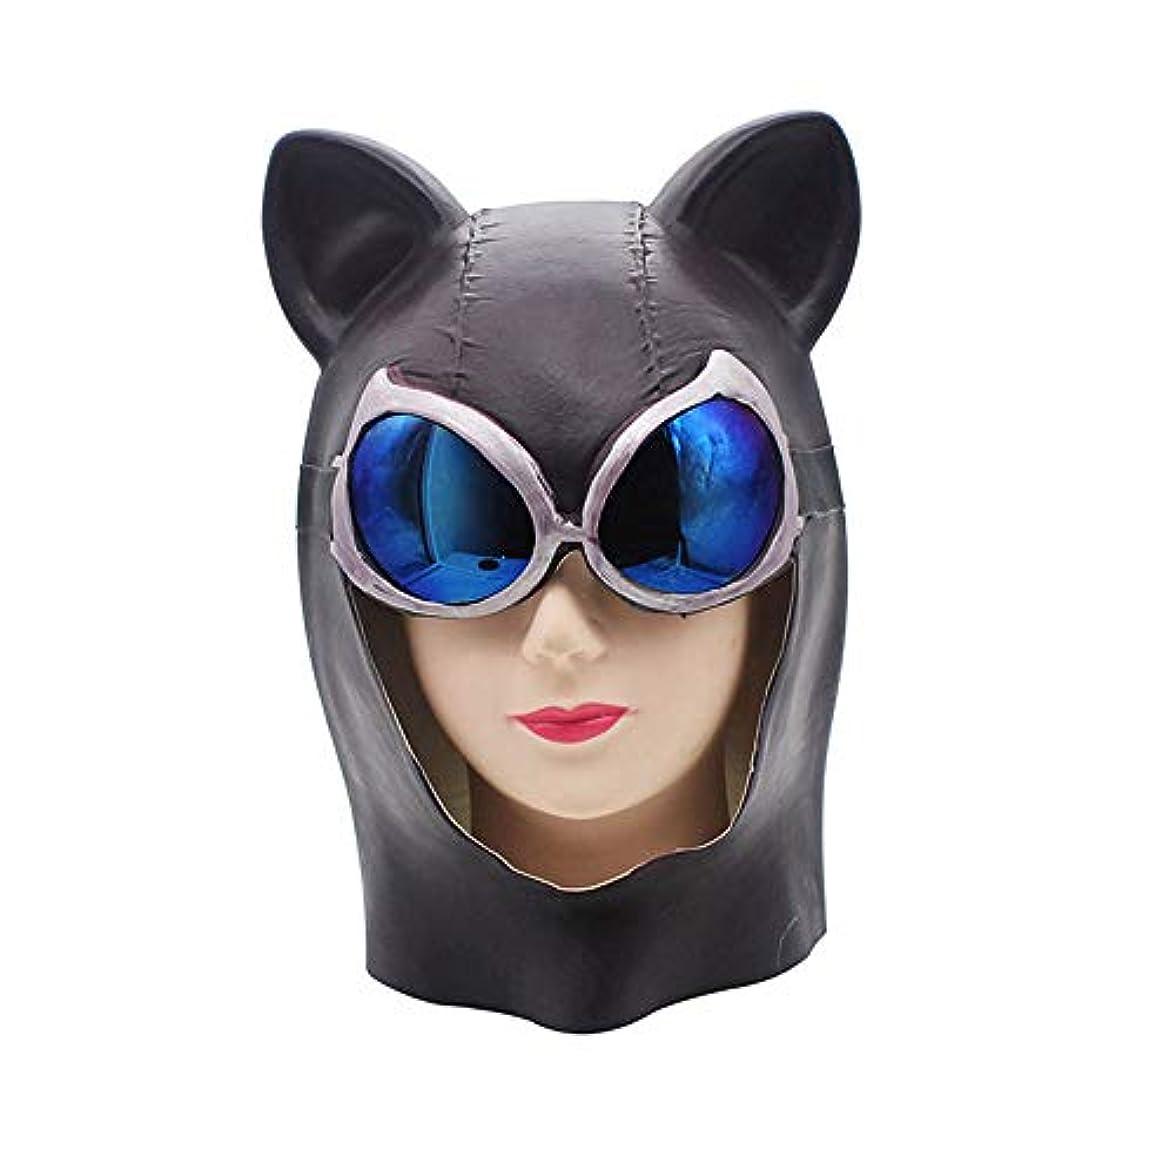 悔い改め豚試してみるハロウィンホラーマスクセクシーな猫女性の顔ホーンホーンフォックスマスクビデオバットマンヘッドギア猫のフェイスマスク